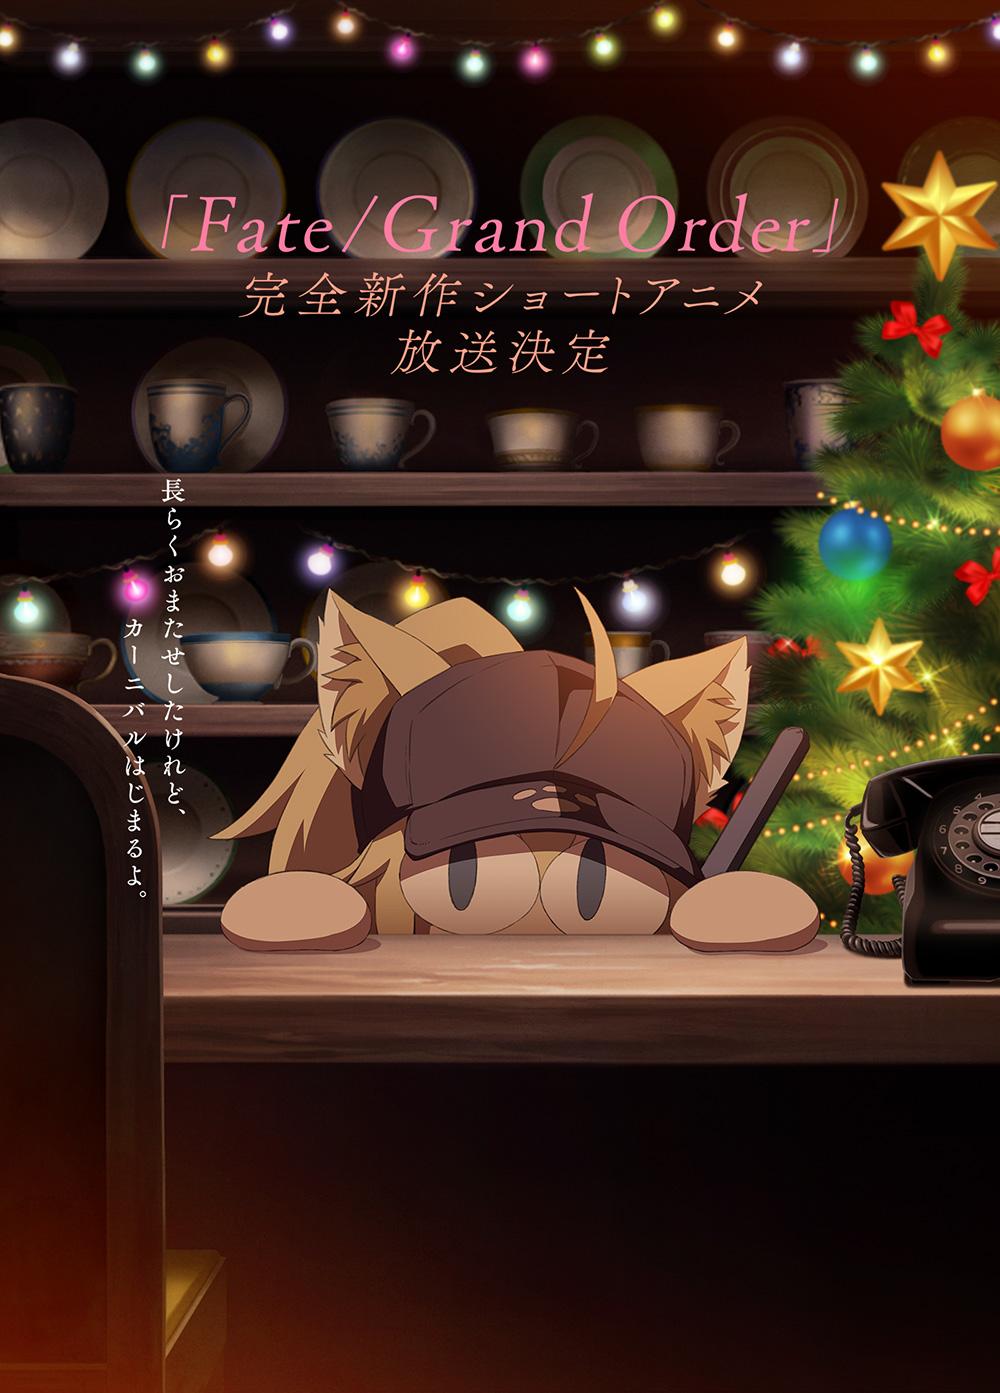 「Fate/Grand Order」完全新作ショートアニメ完全版のティザービジュアル公開!長らくおまたせしたけれど、カーニバルはじまるよ。